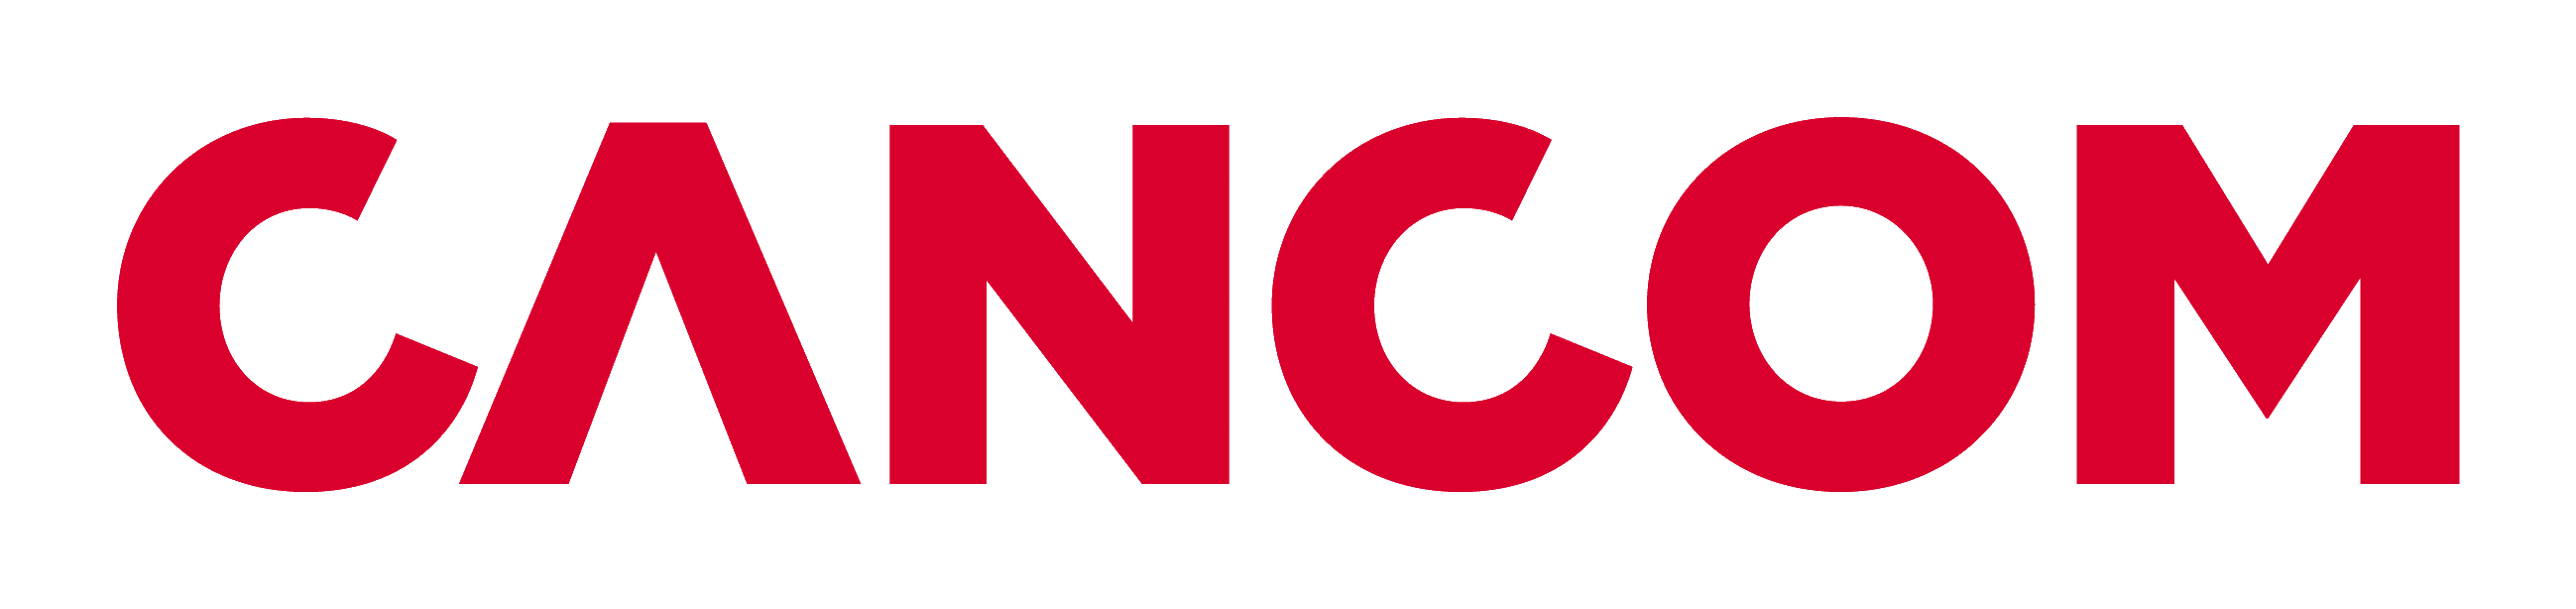 CANCOM_Logo_transparent.png